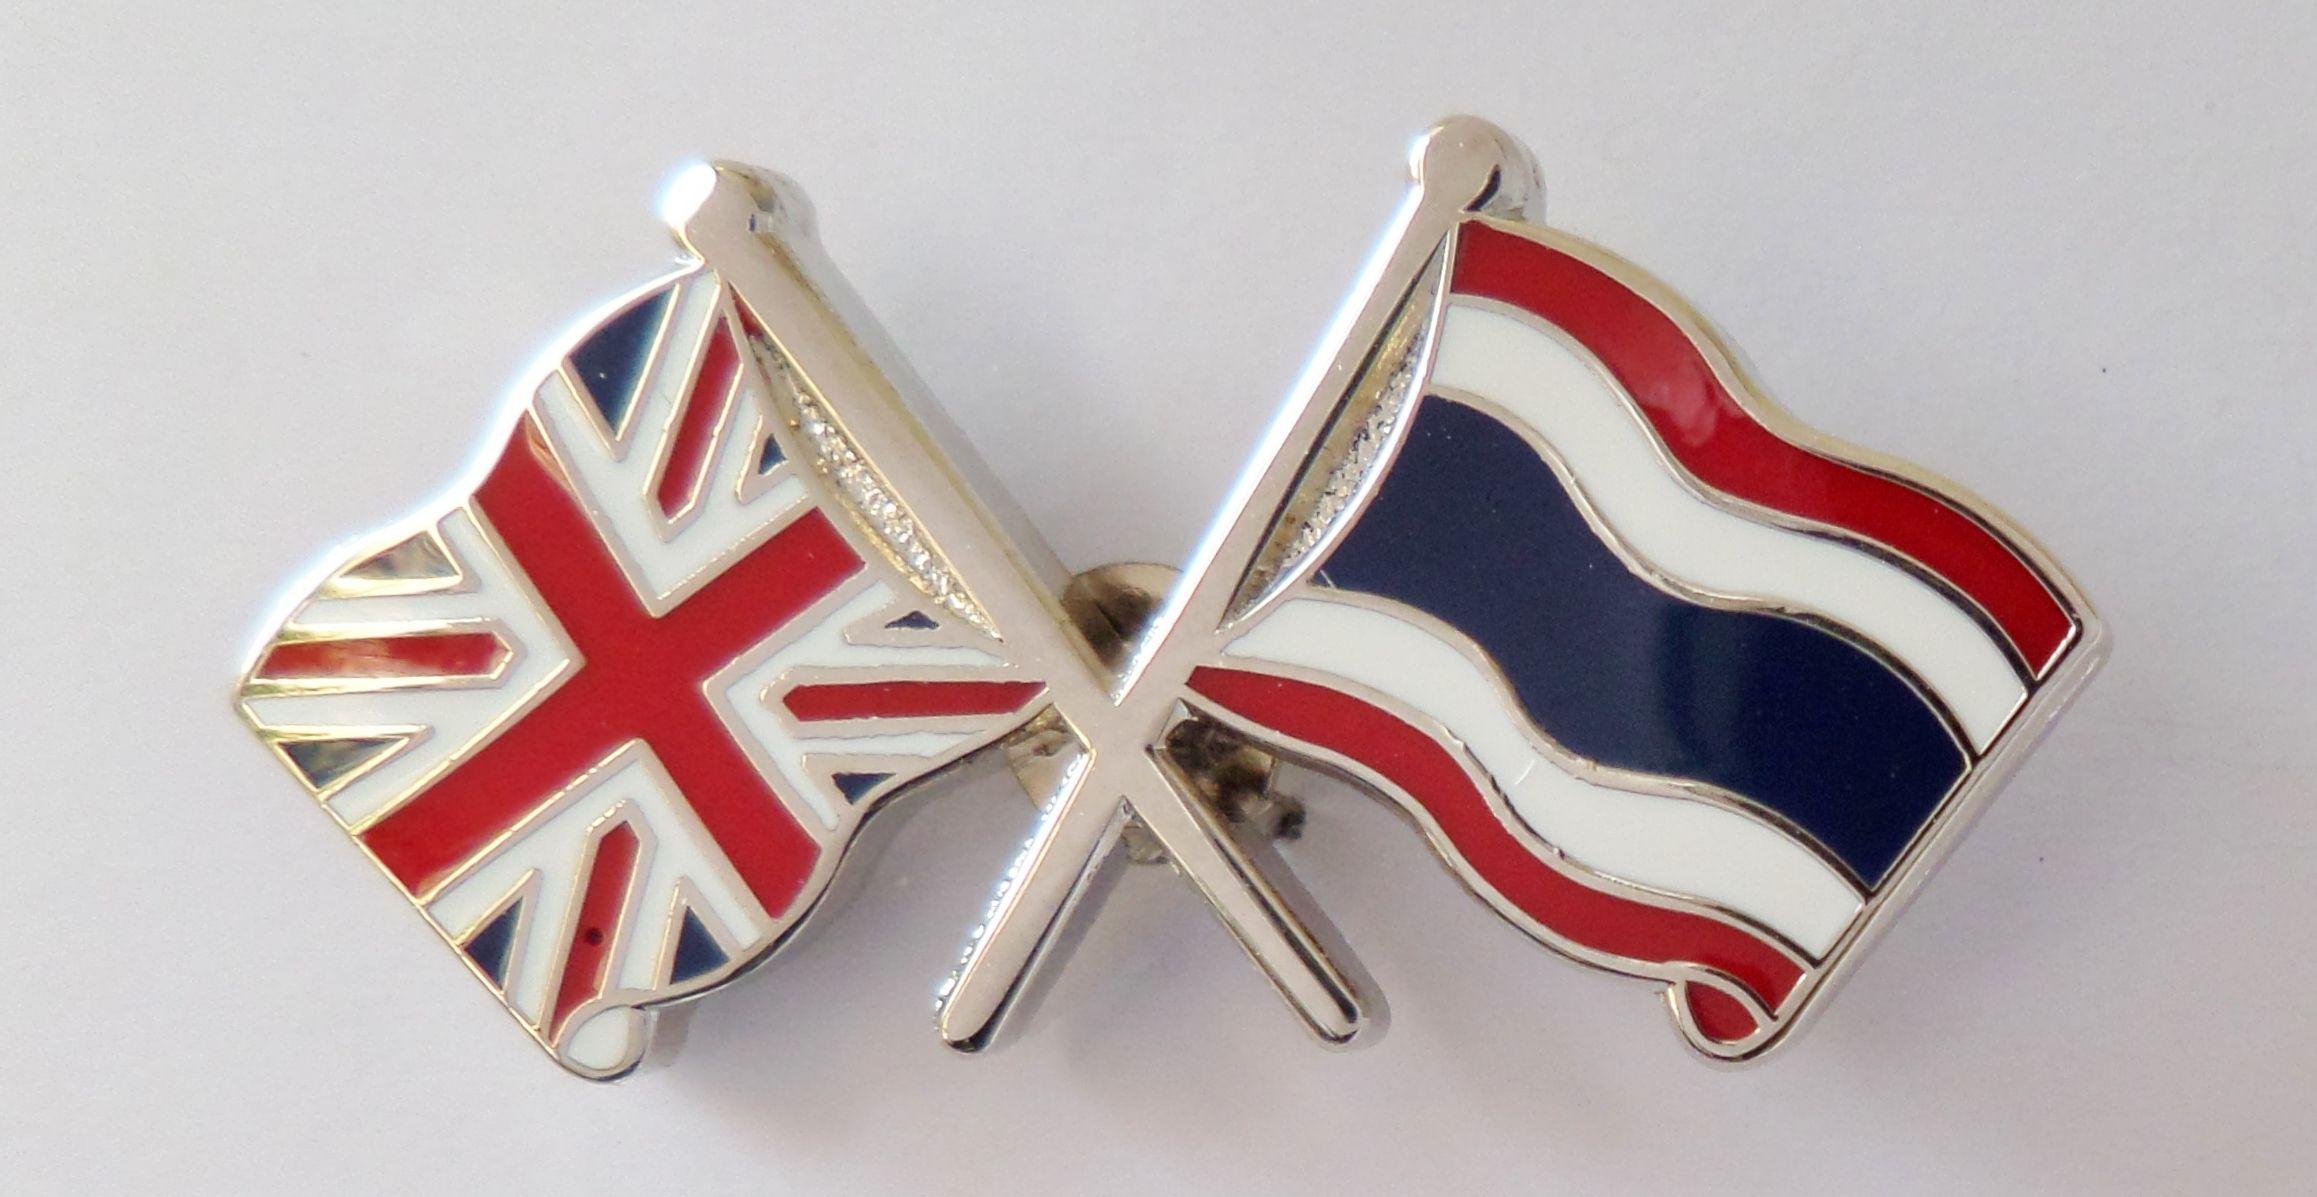 La Thaïlande et le Royaume-Uni promeuvent leur coopération commerciale bilatérale